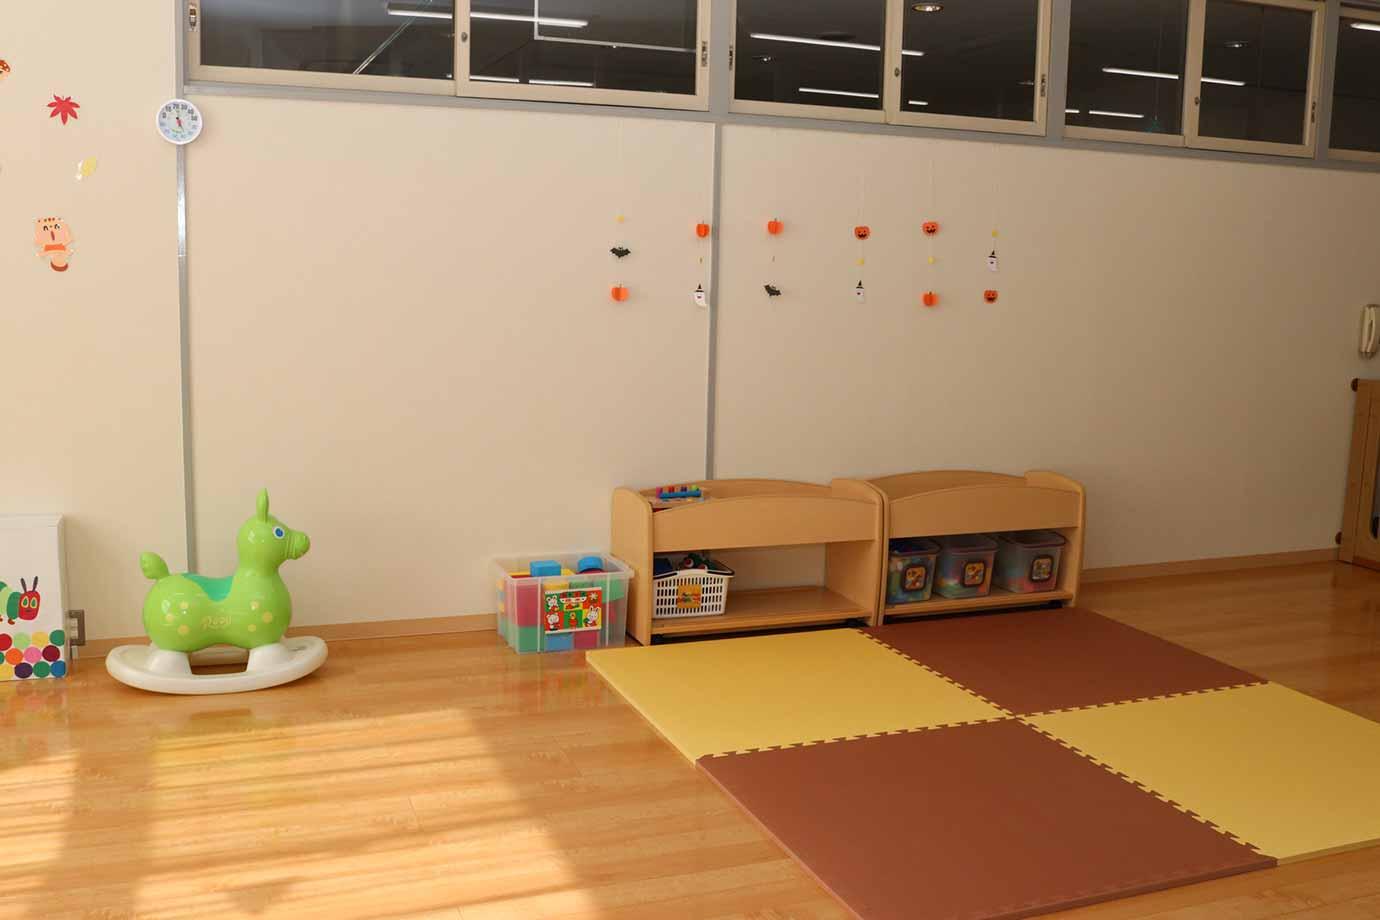 「子どもの預かり室 ことりルームぴっぴ」はどんな人が利用している?